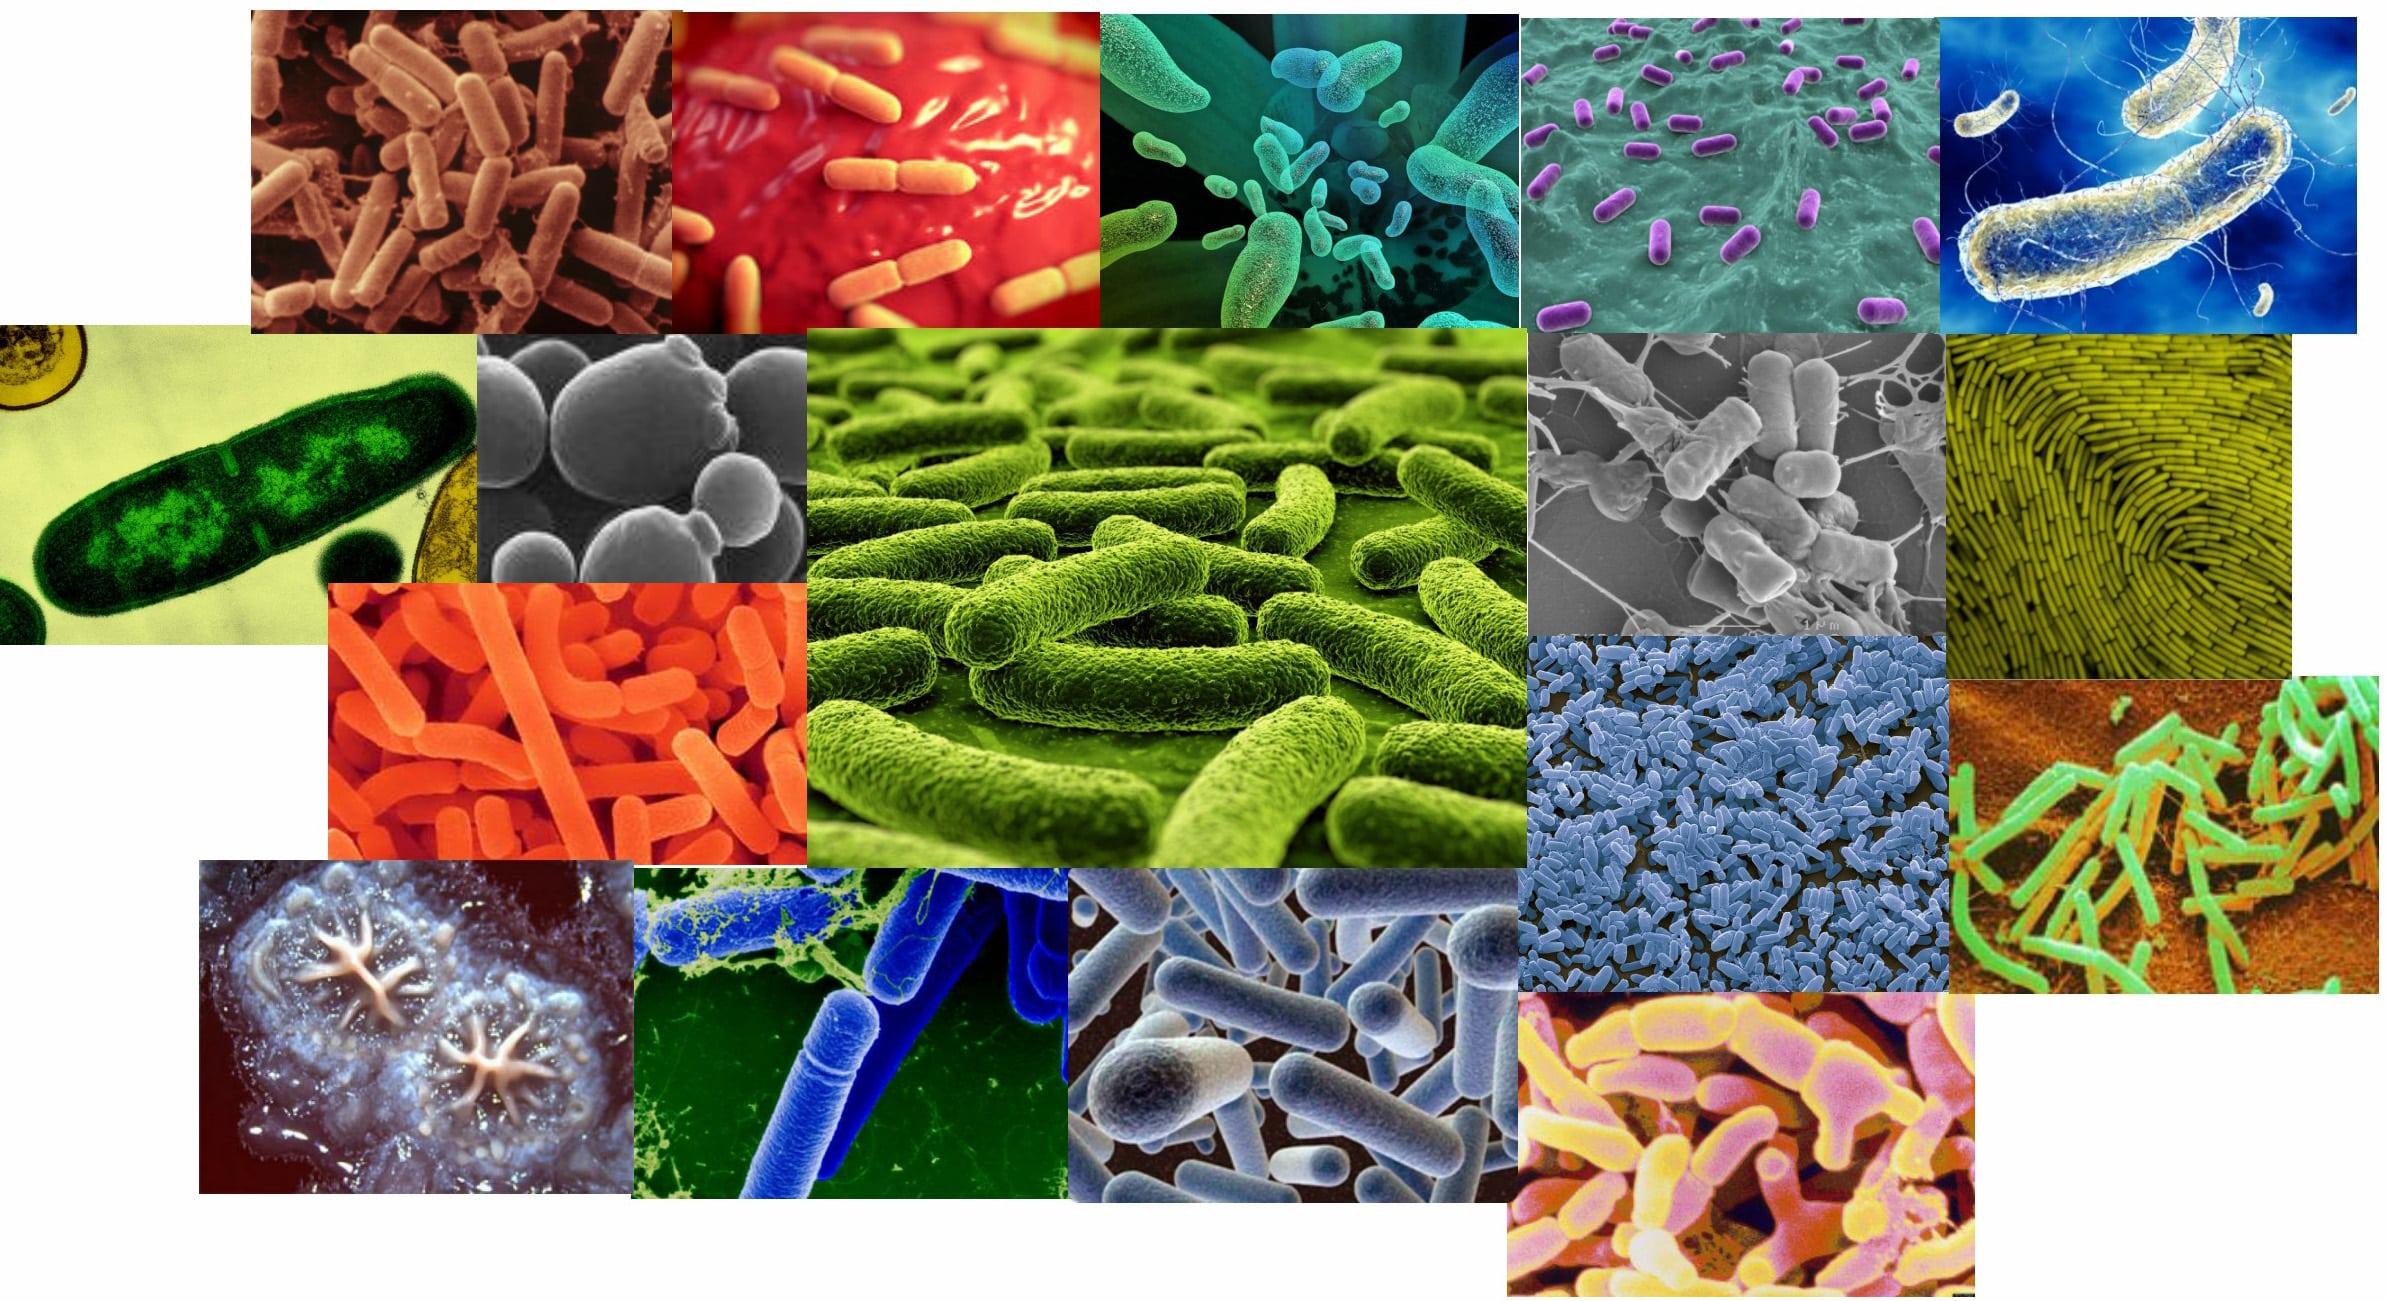 вид самые лучшие бактерии для пола горло